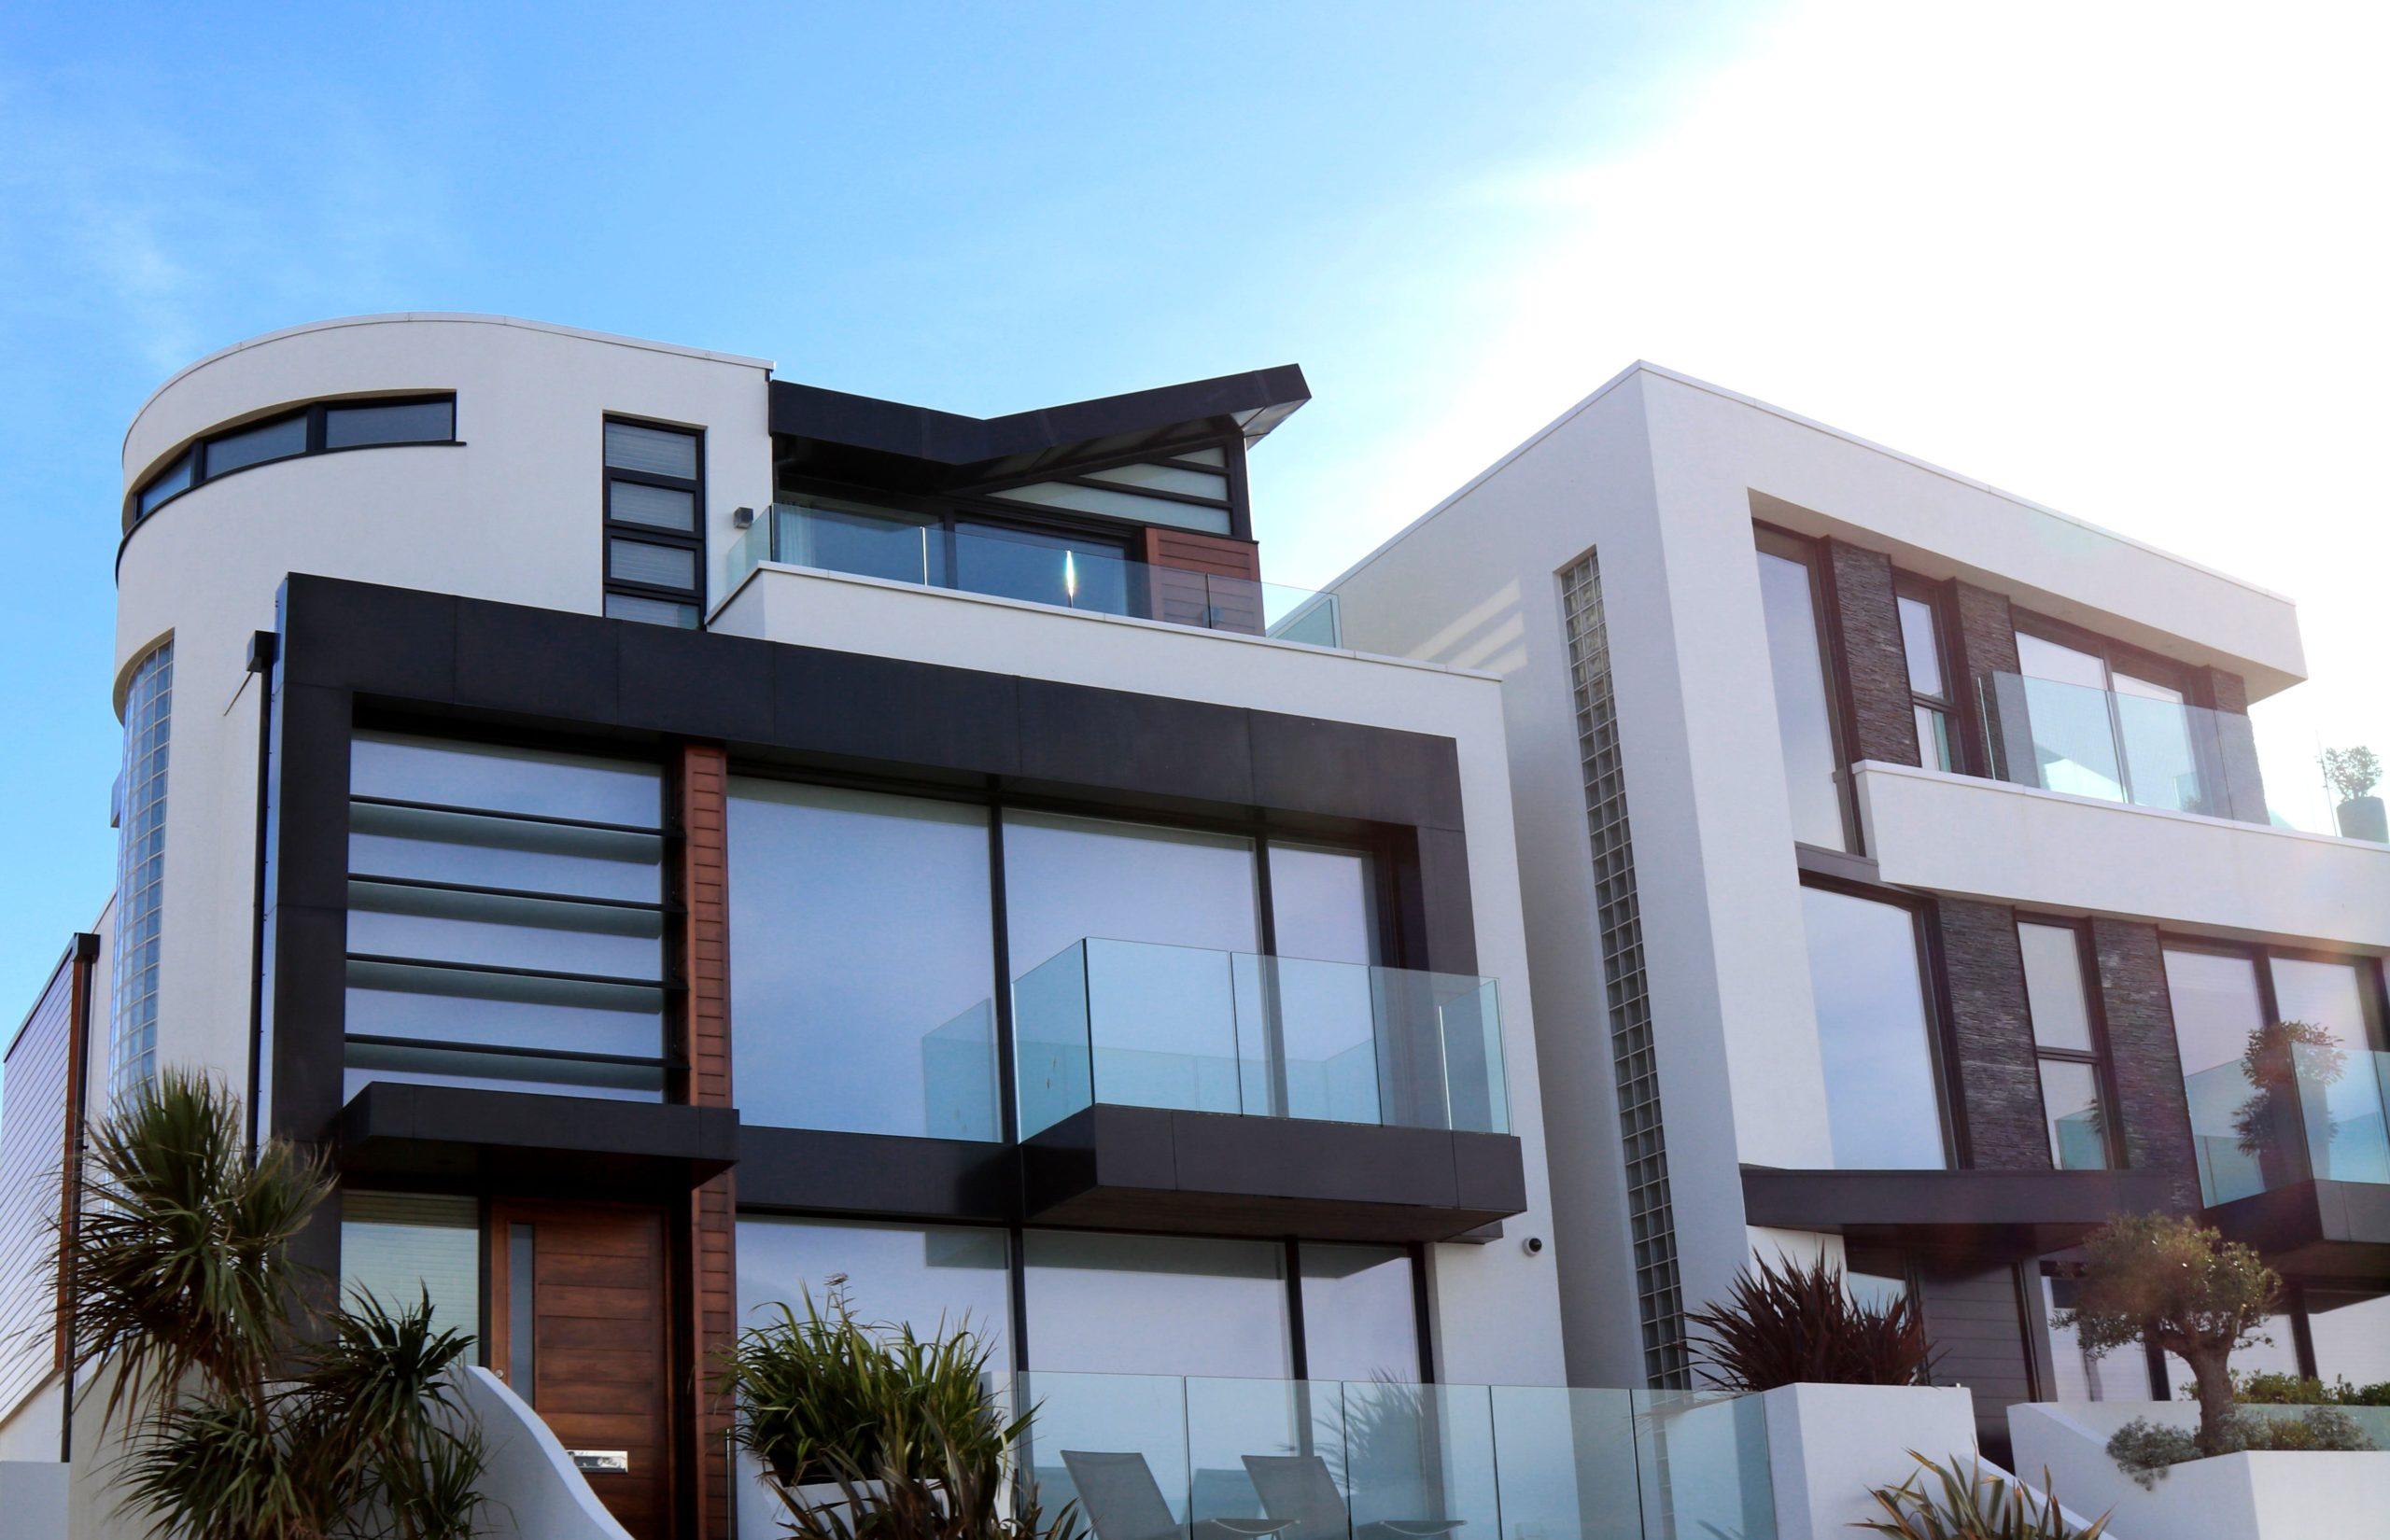 maison moderne avec toit plat